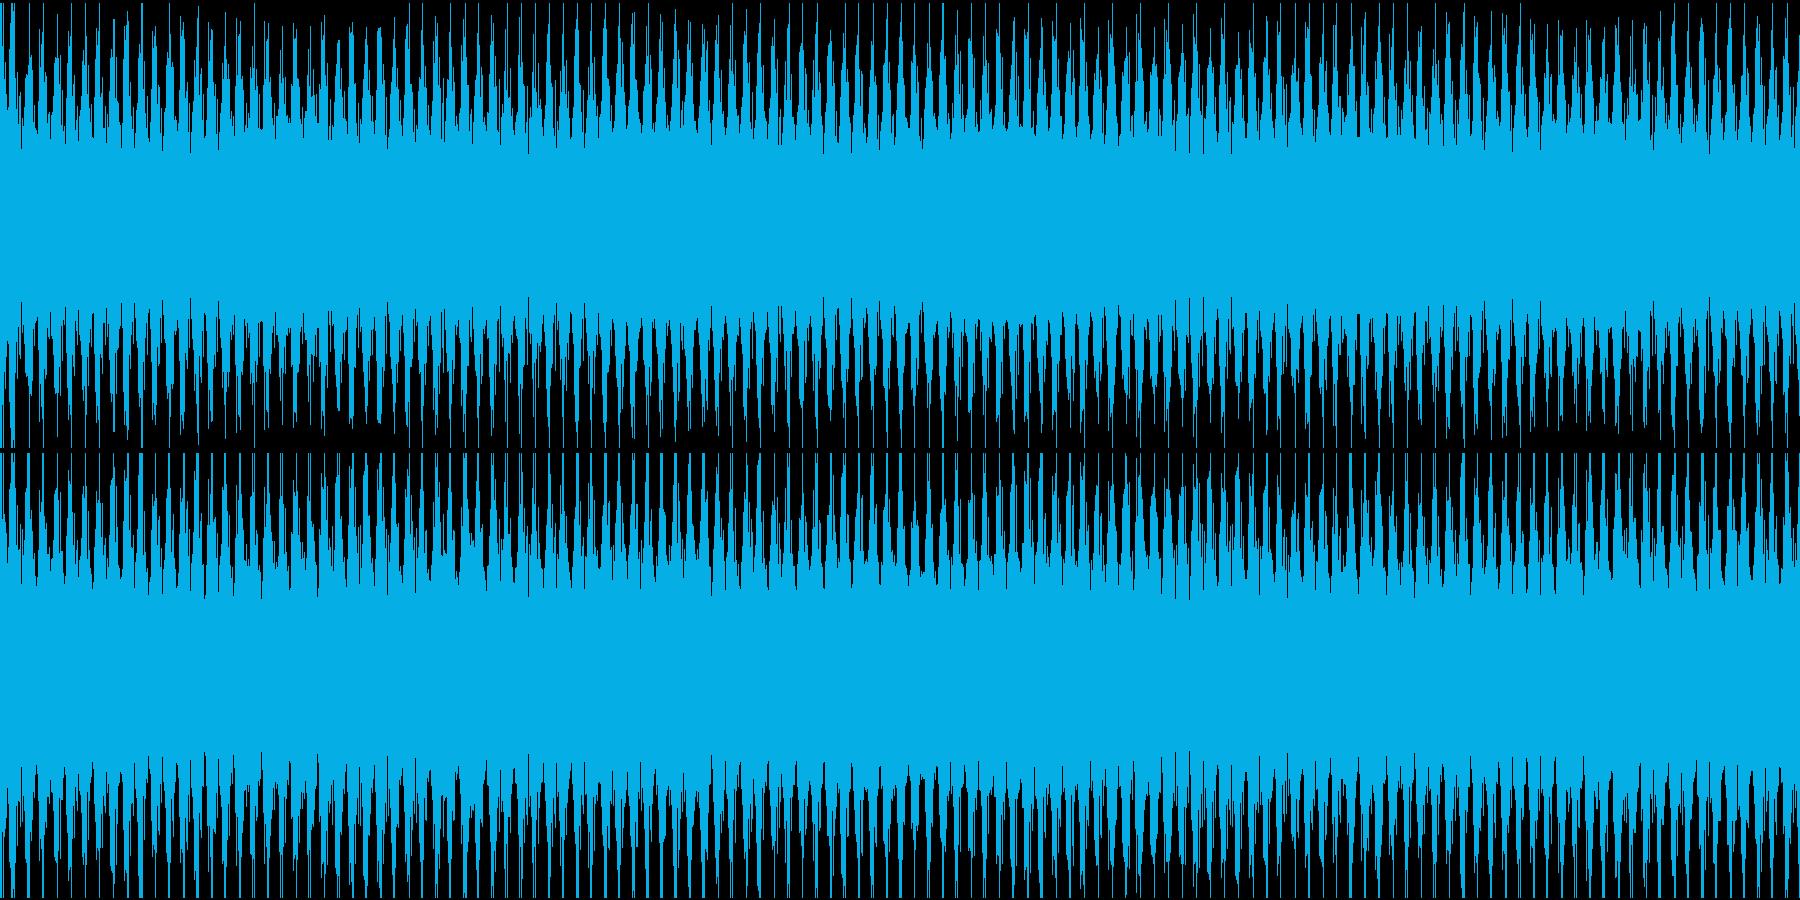 レーザー、カウンター演出などの再生済みの波形